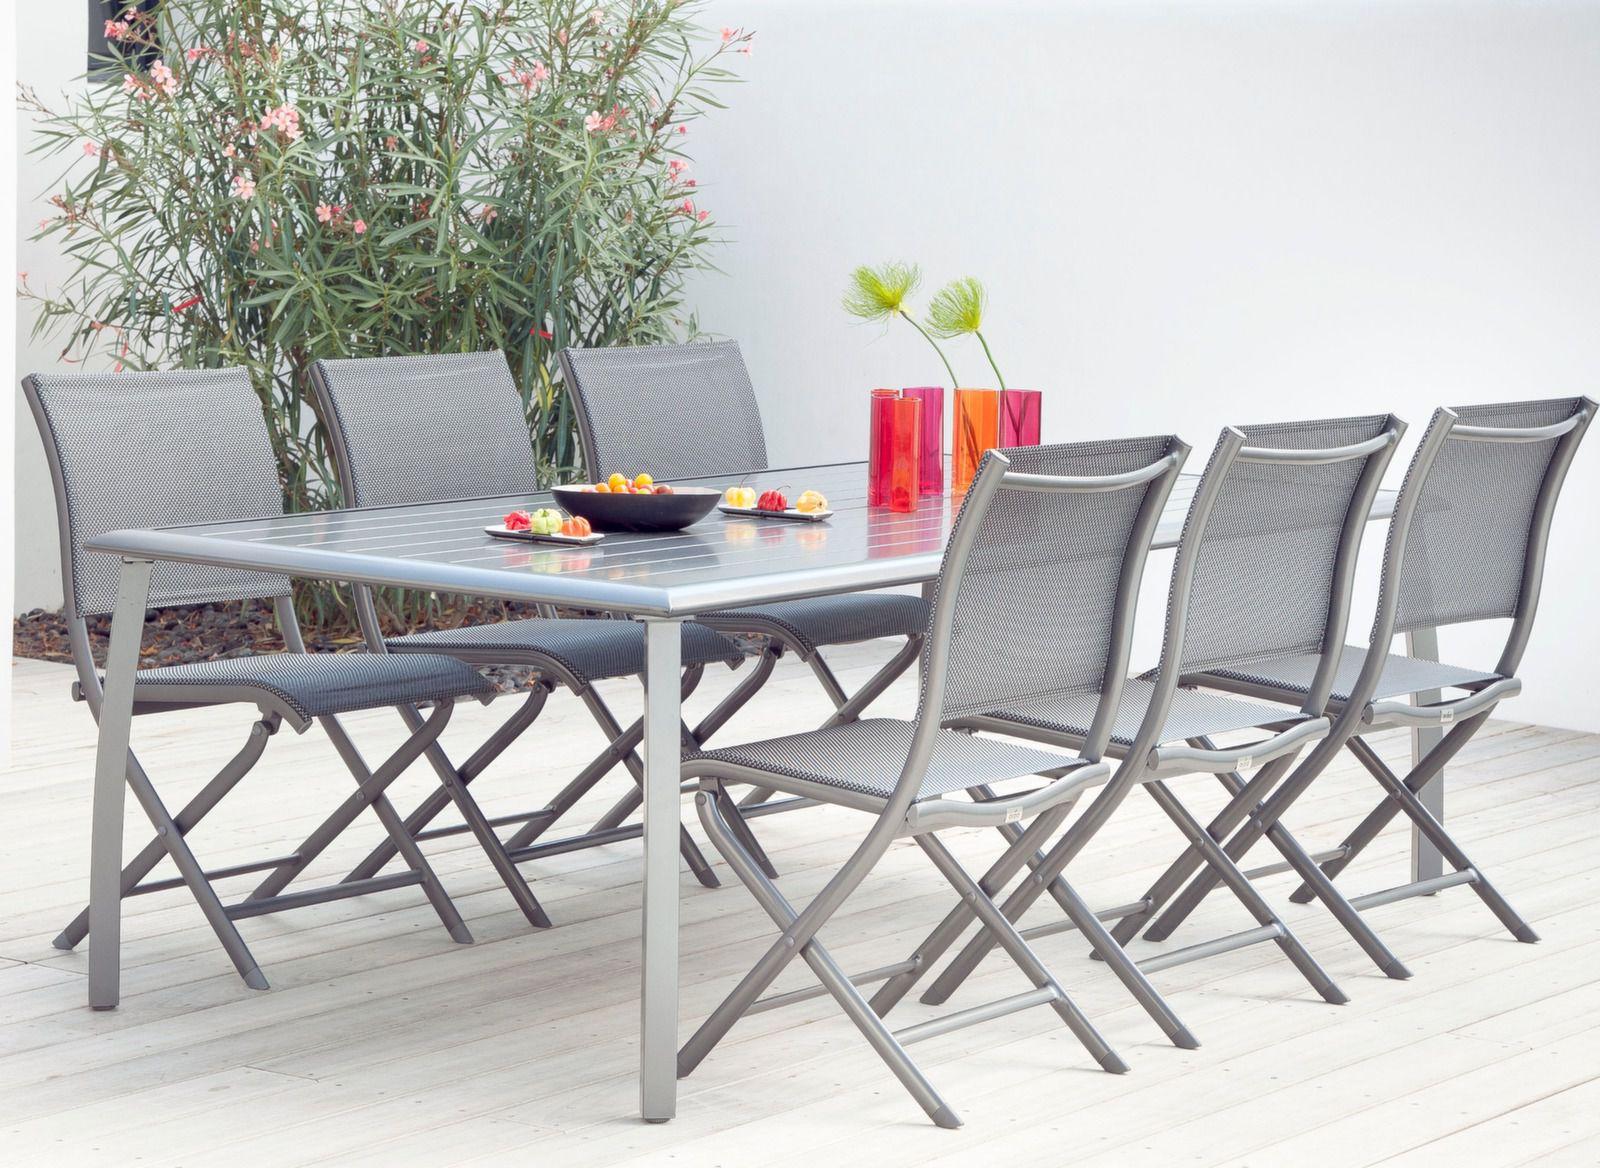 Table Azur 225 x 110 cm